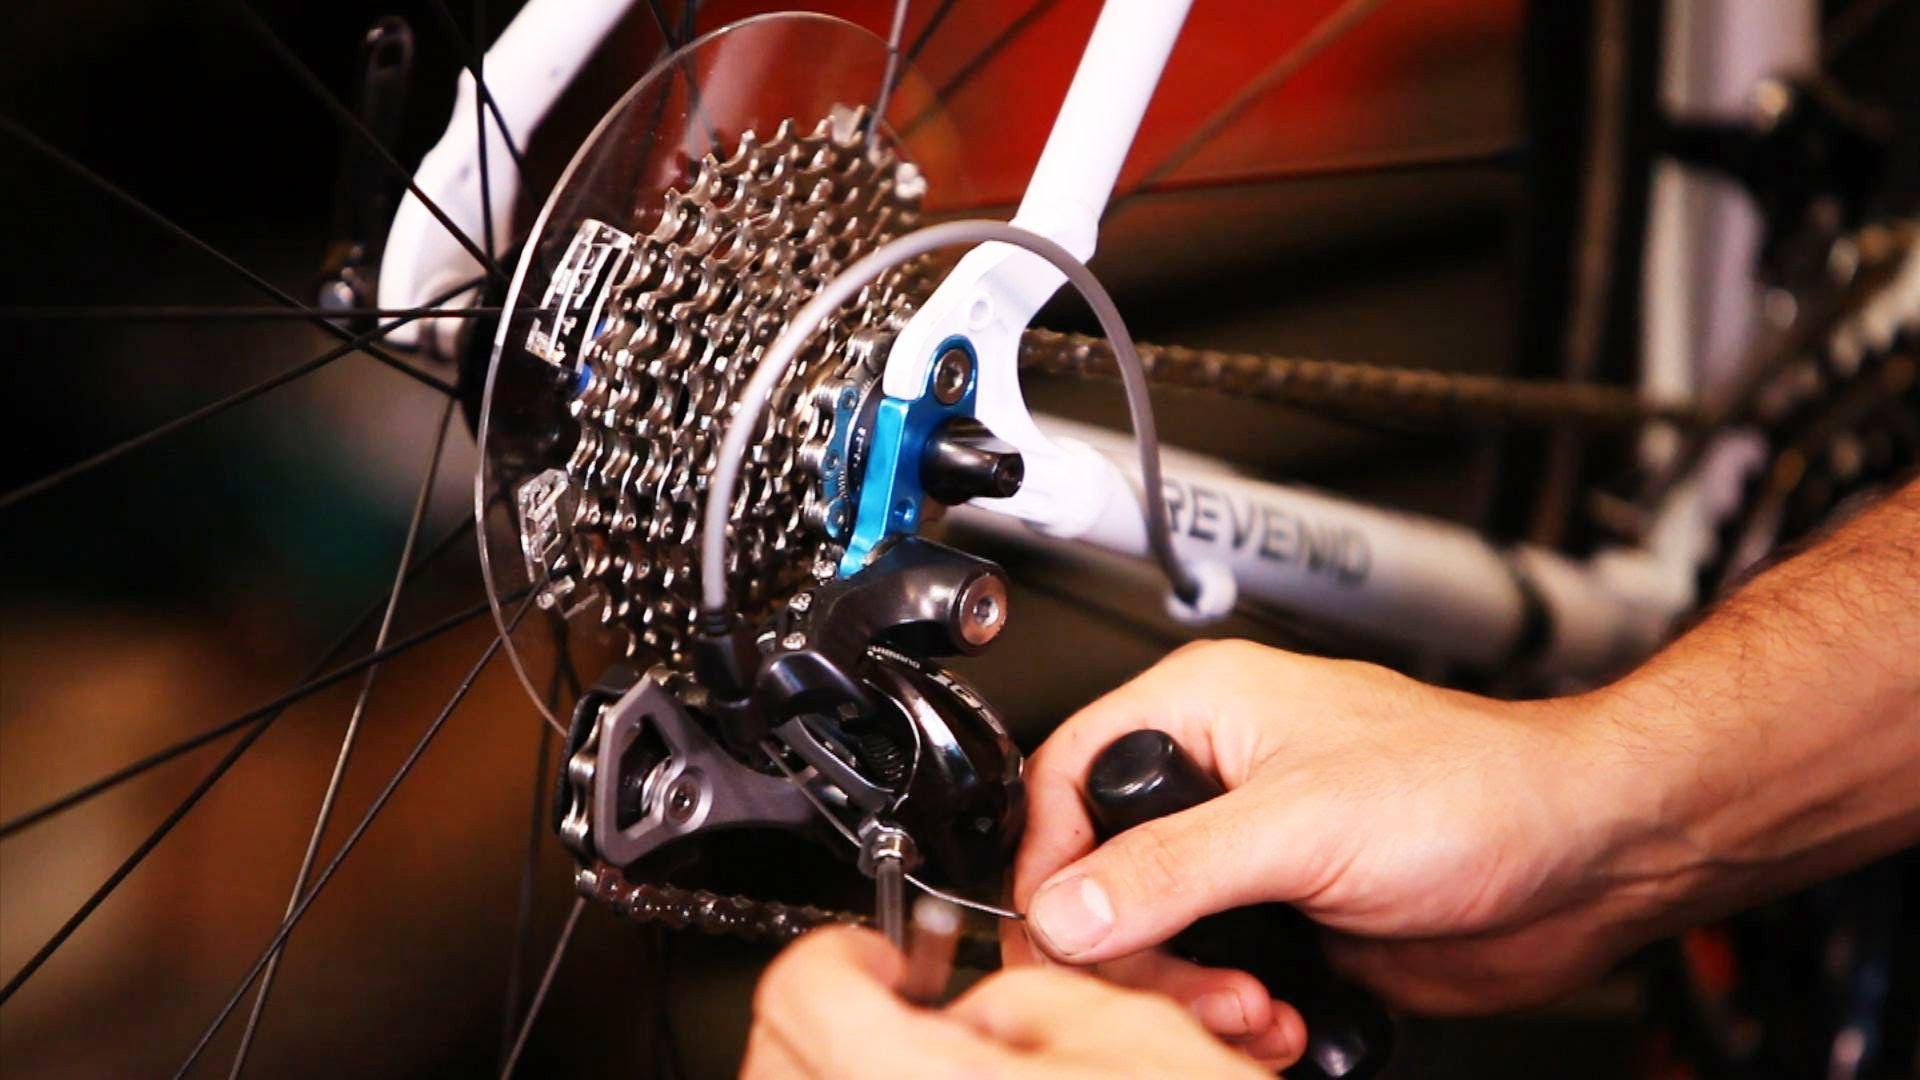 Bike service